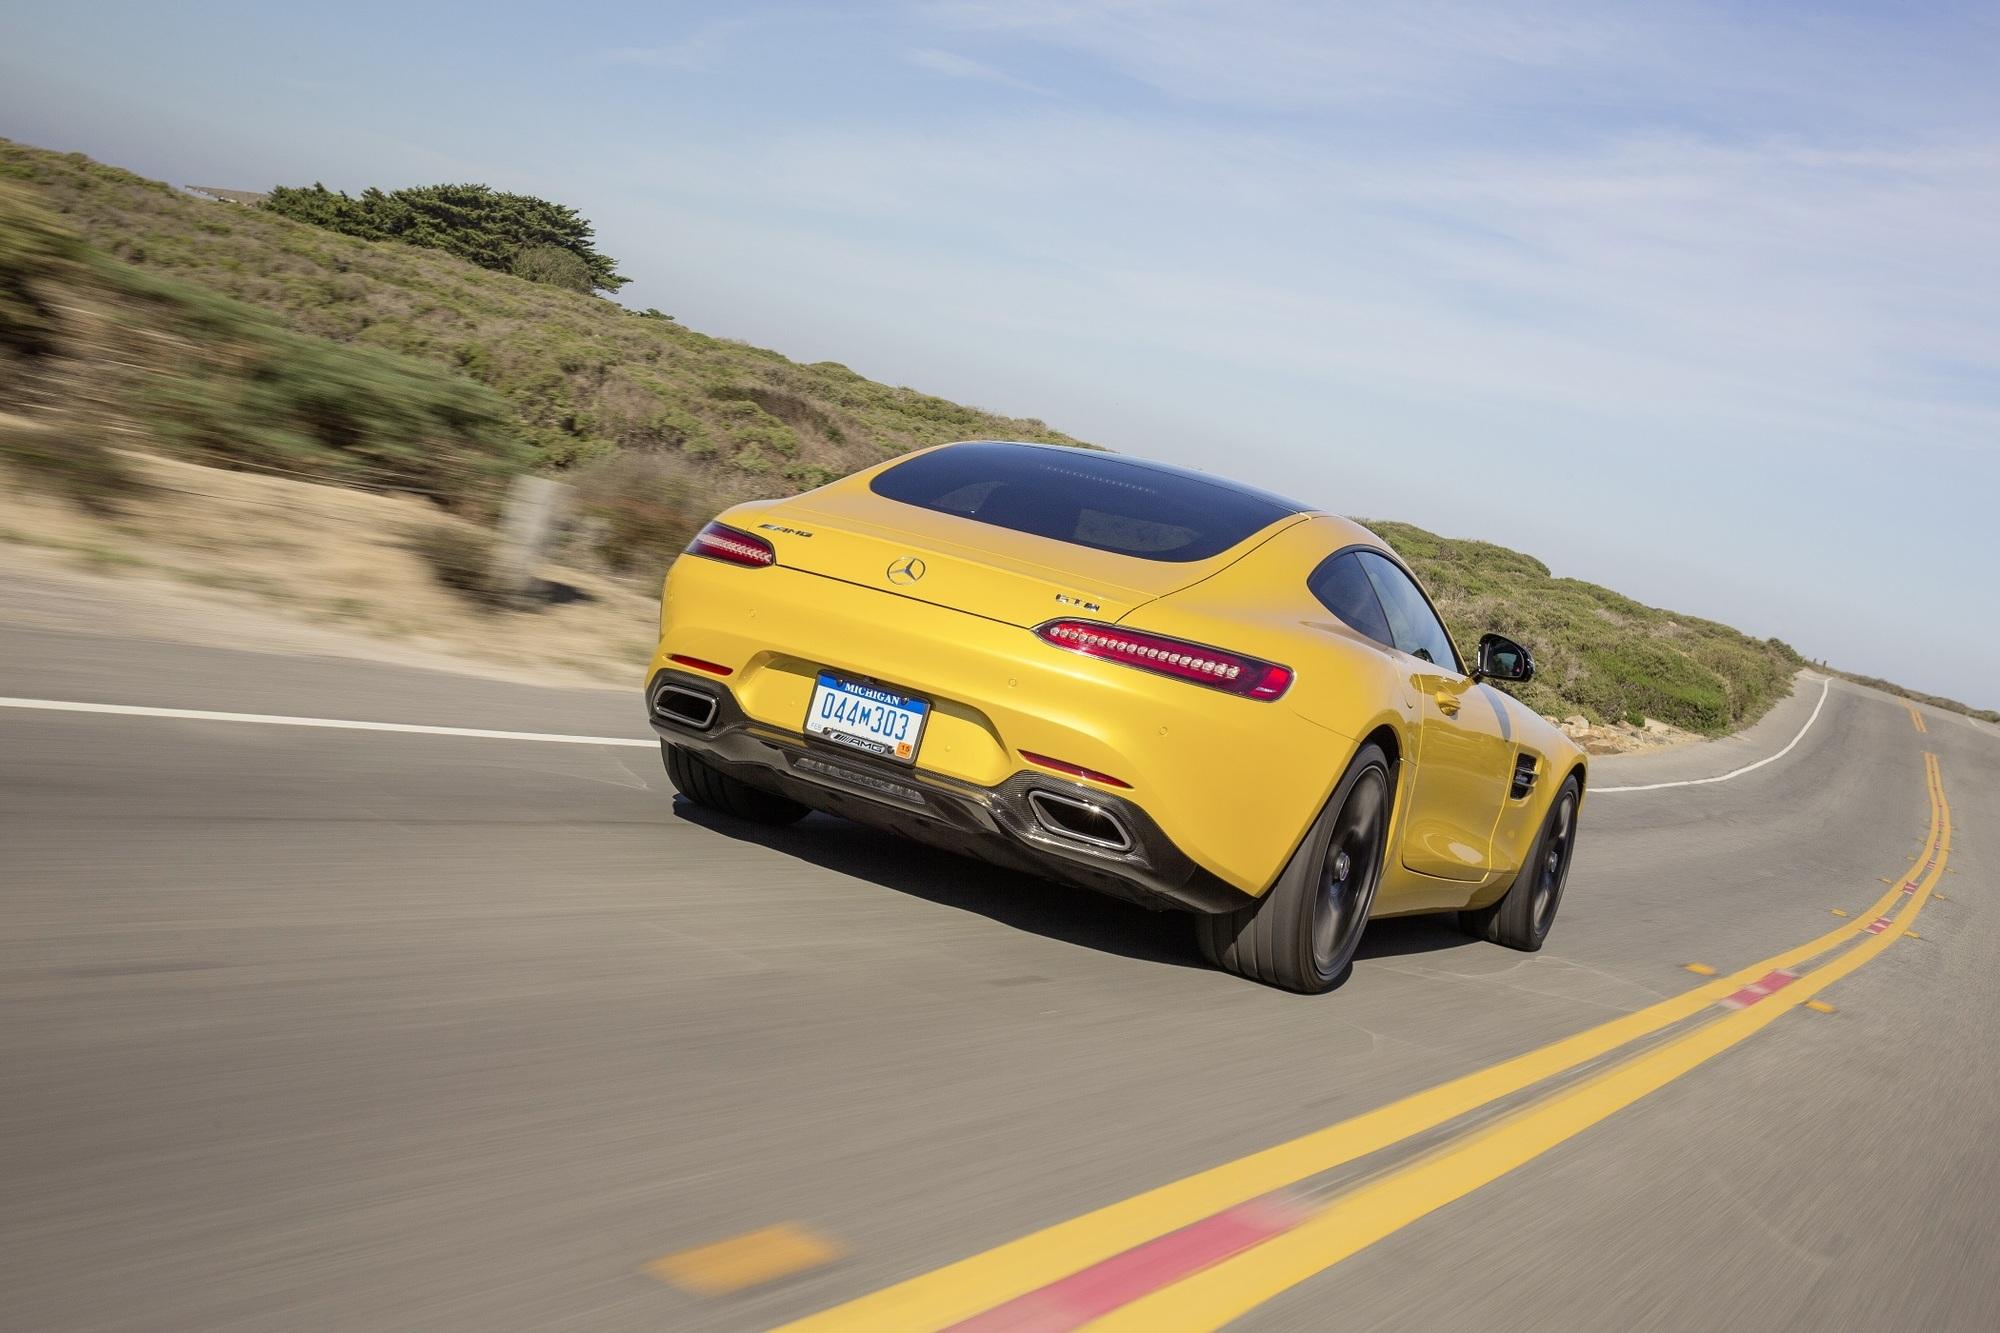 Fahrbericht: Mercedes-AMG GT S - Hintenrum echt heiß